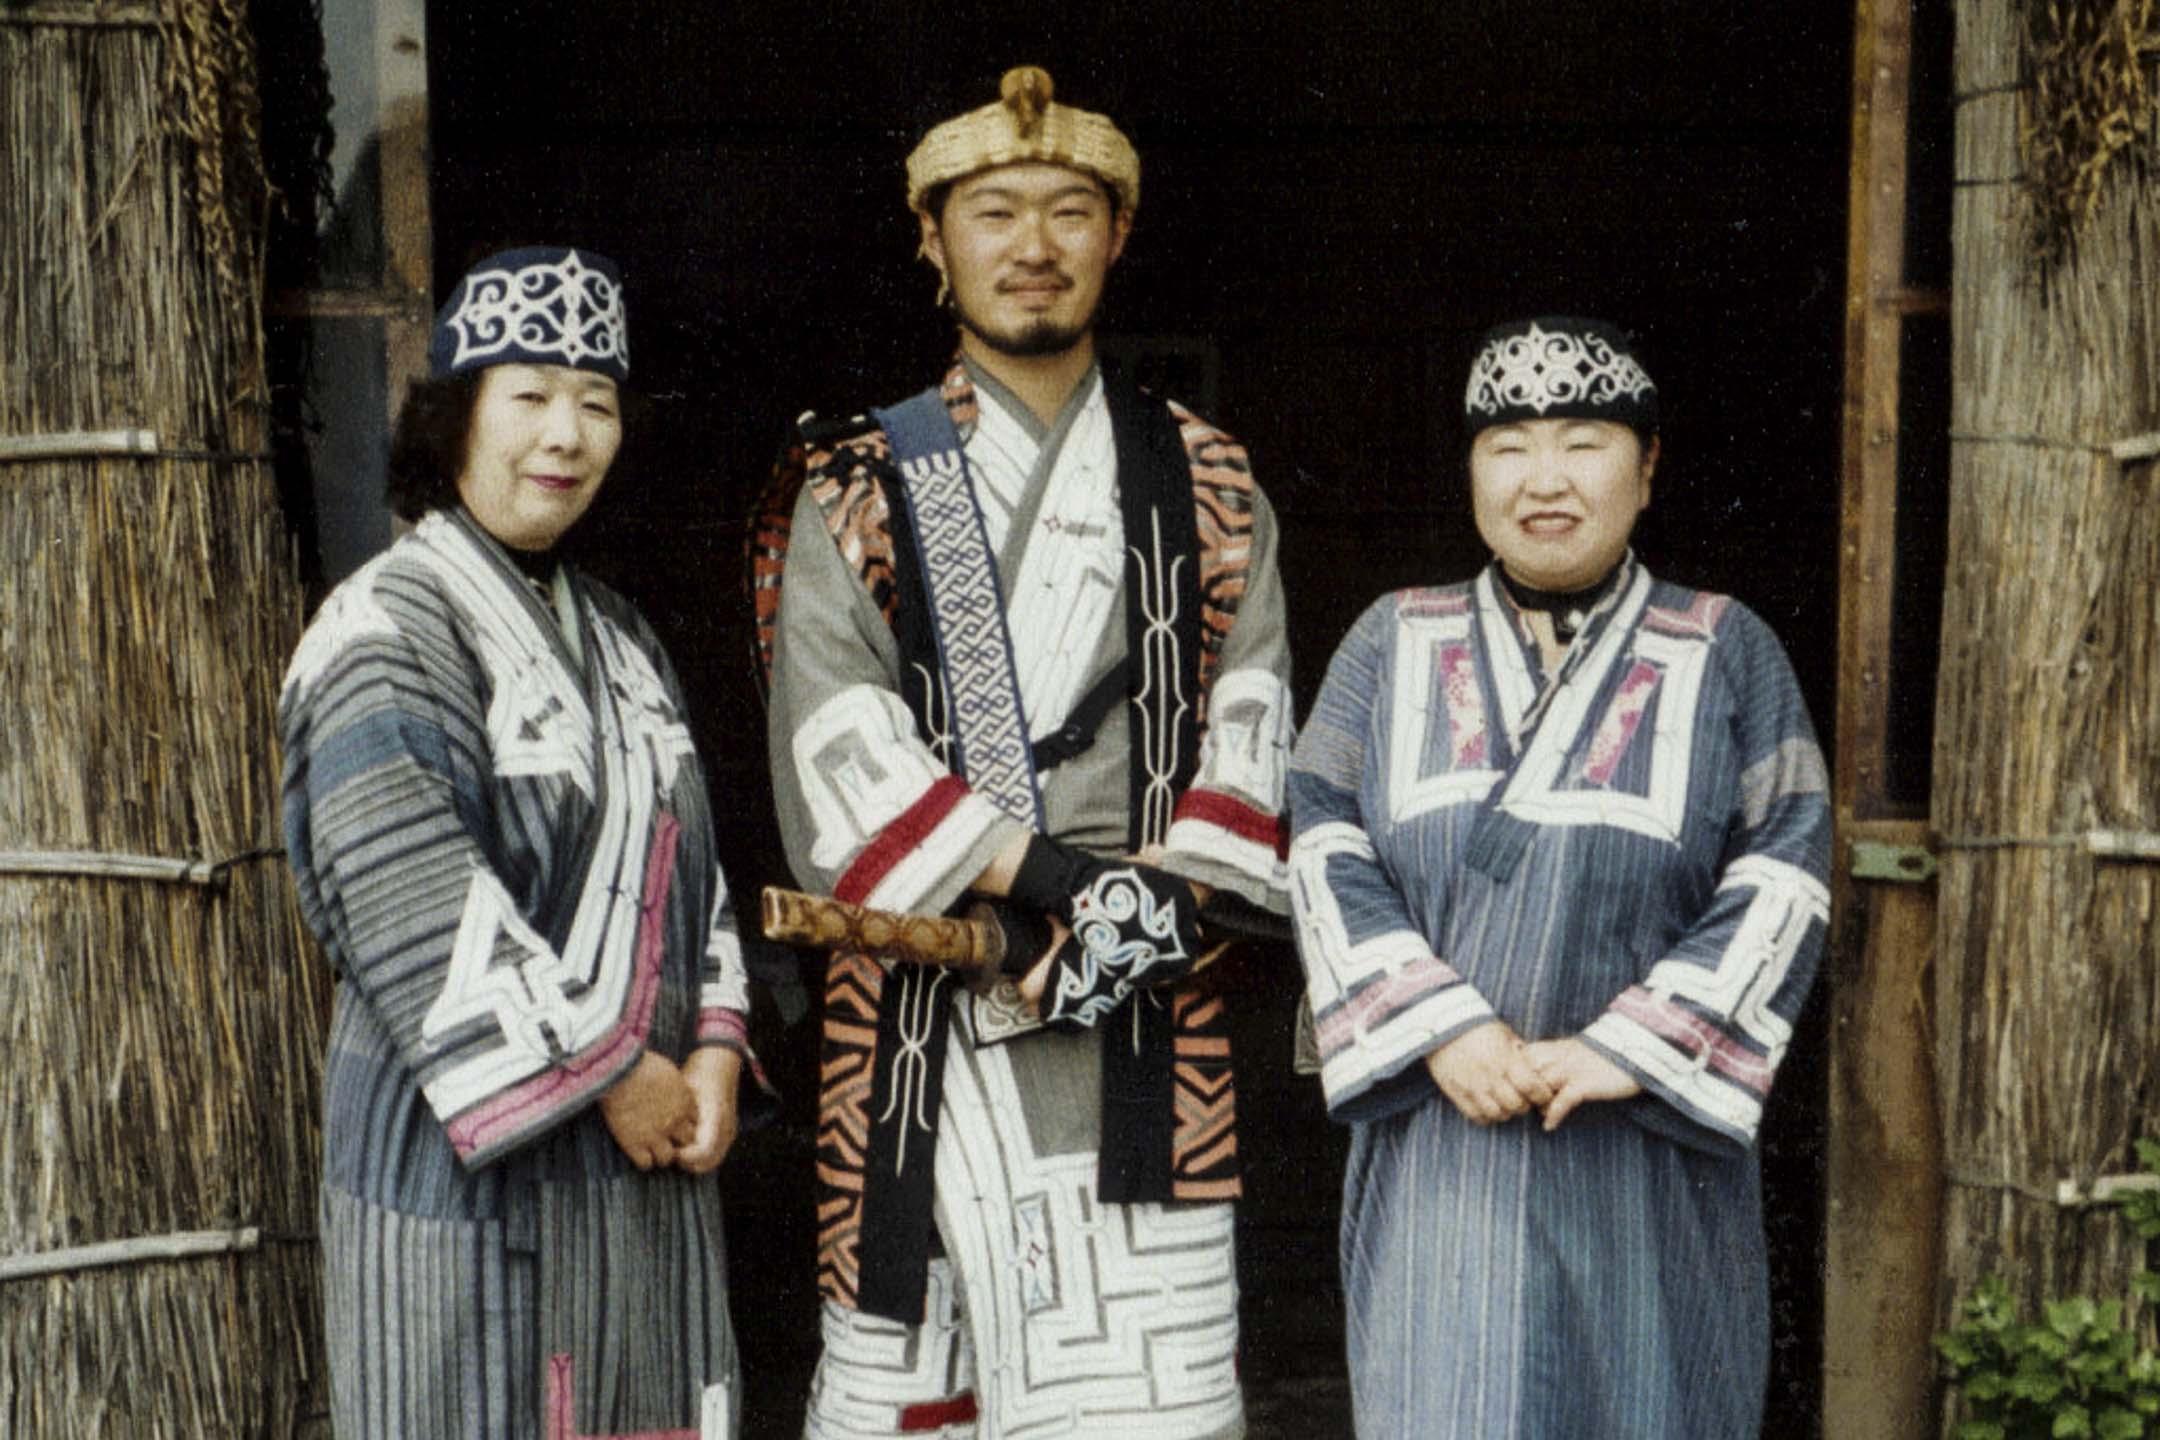 2019年2月15日,日本政府在內閣會議通過支援愛奴族的新法案,將正式以法律承認北海道的愛努族為原住民族。 圖片來源:wikipedia